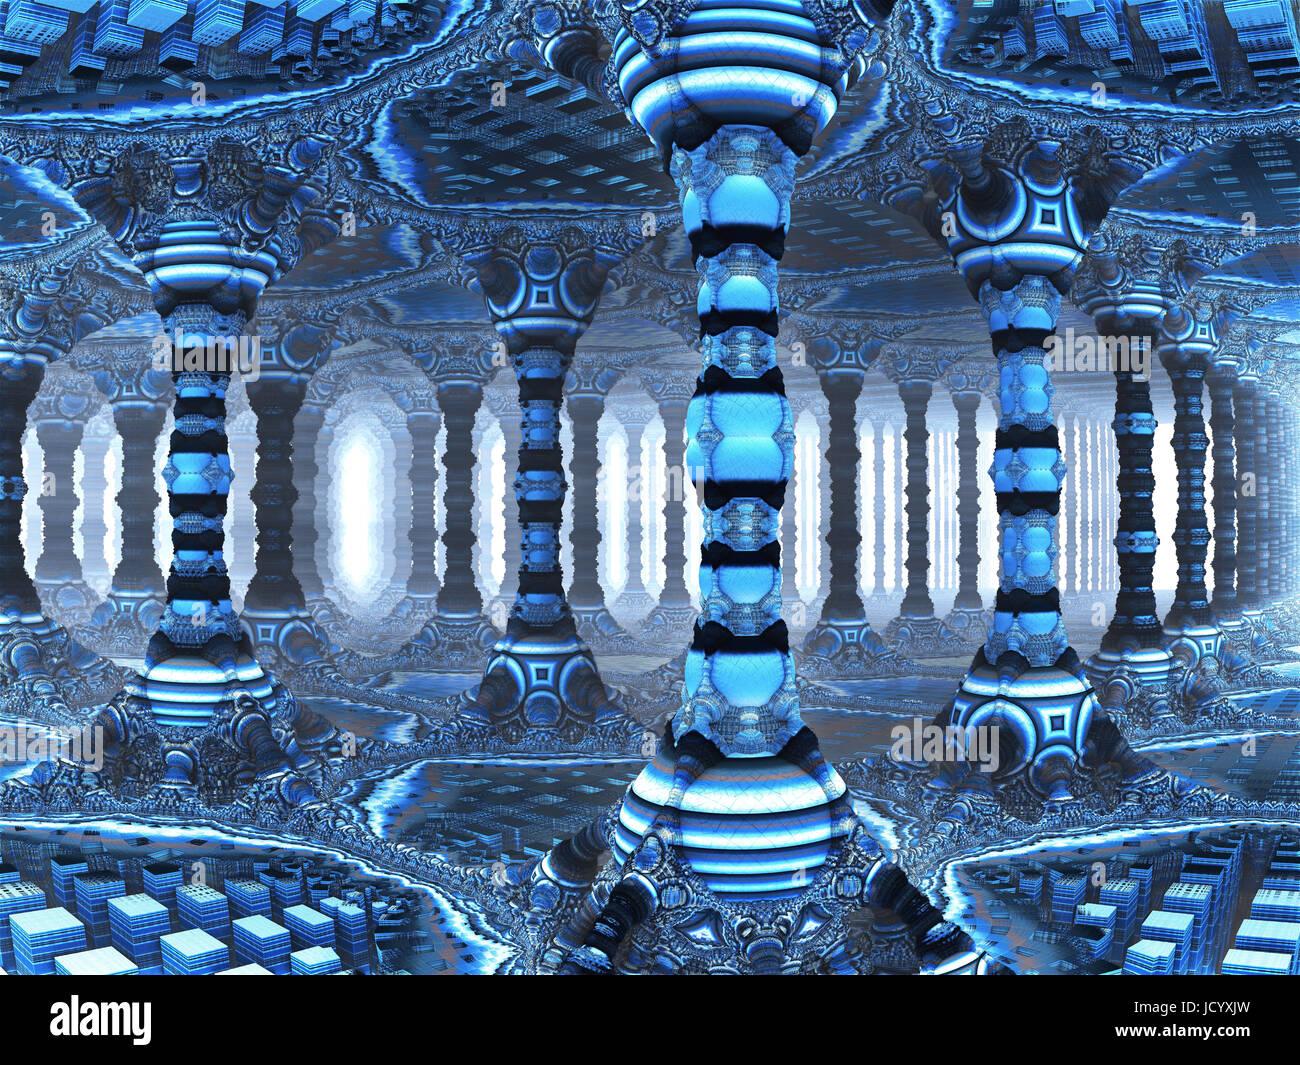 Colonnade,3D fractal illustdation, Stock Photo